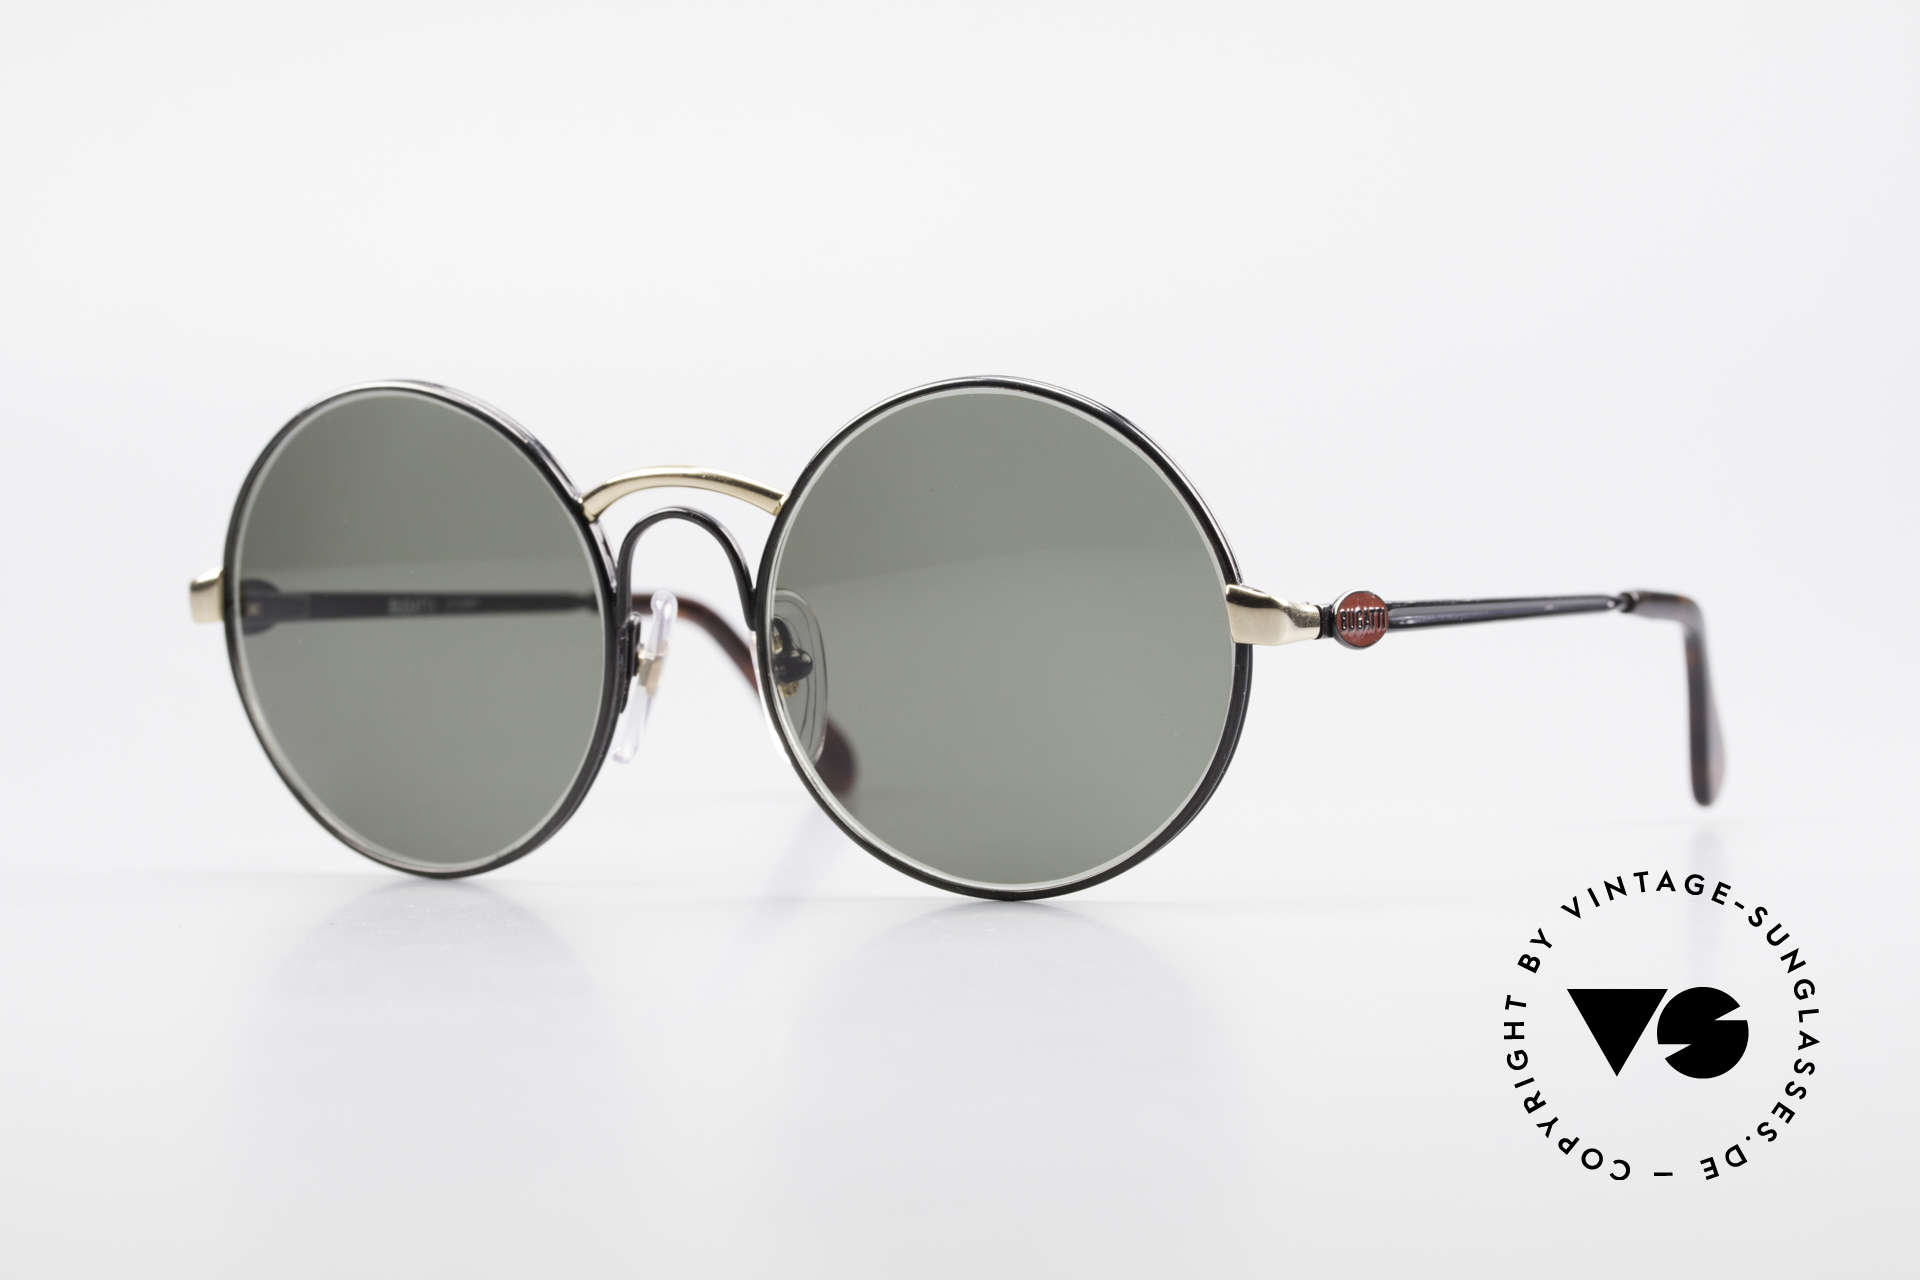 Bugatti 03327R Limited Edition Round Bugatti, round vintage Bugatti sunglasses 03327R from the 80's, Made for Men and Women